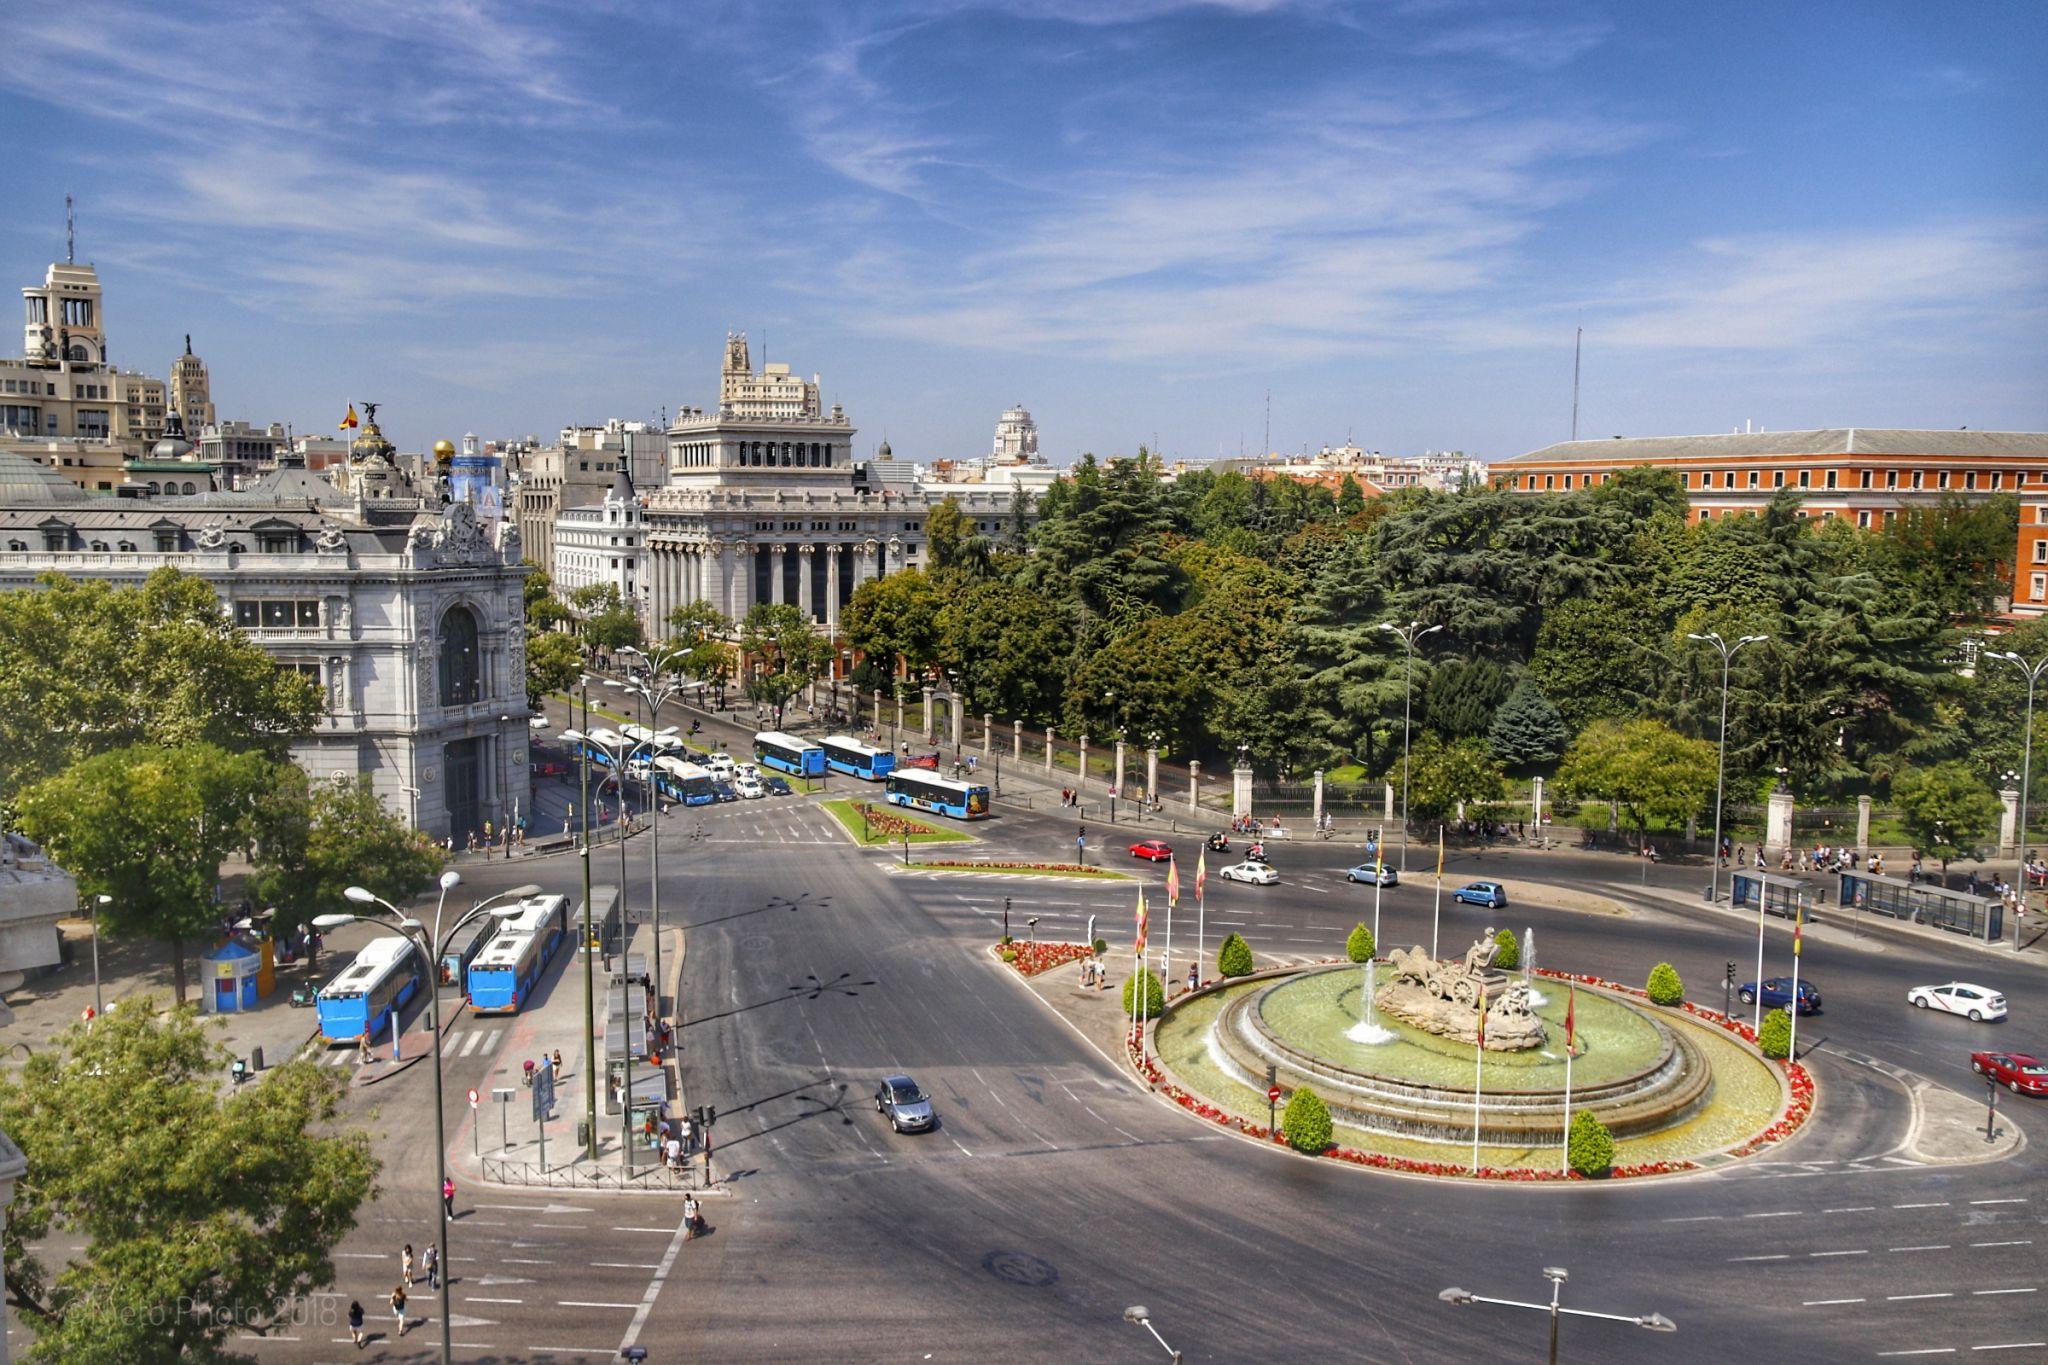 Plaza de Cibeles, Spain